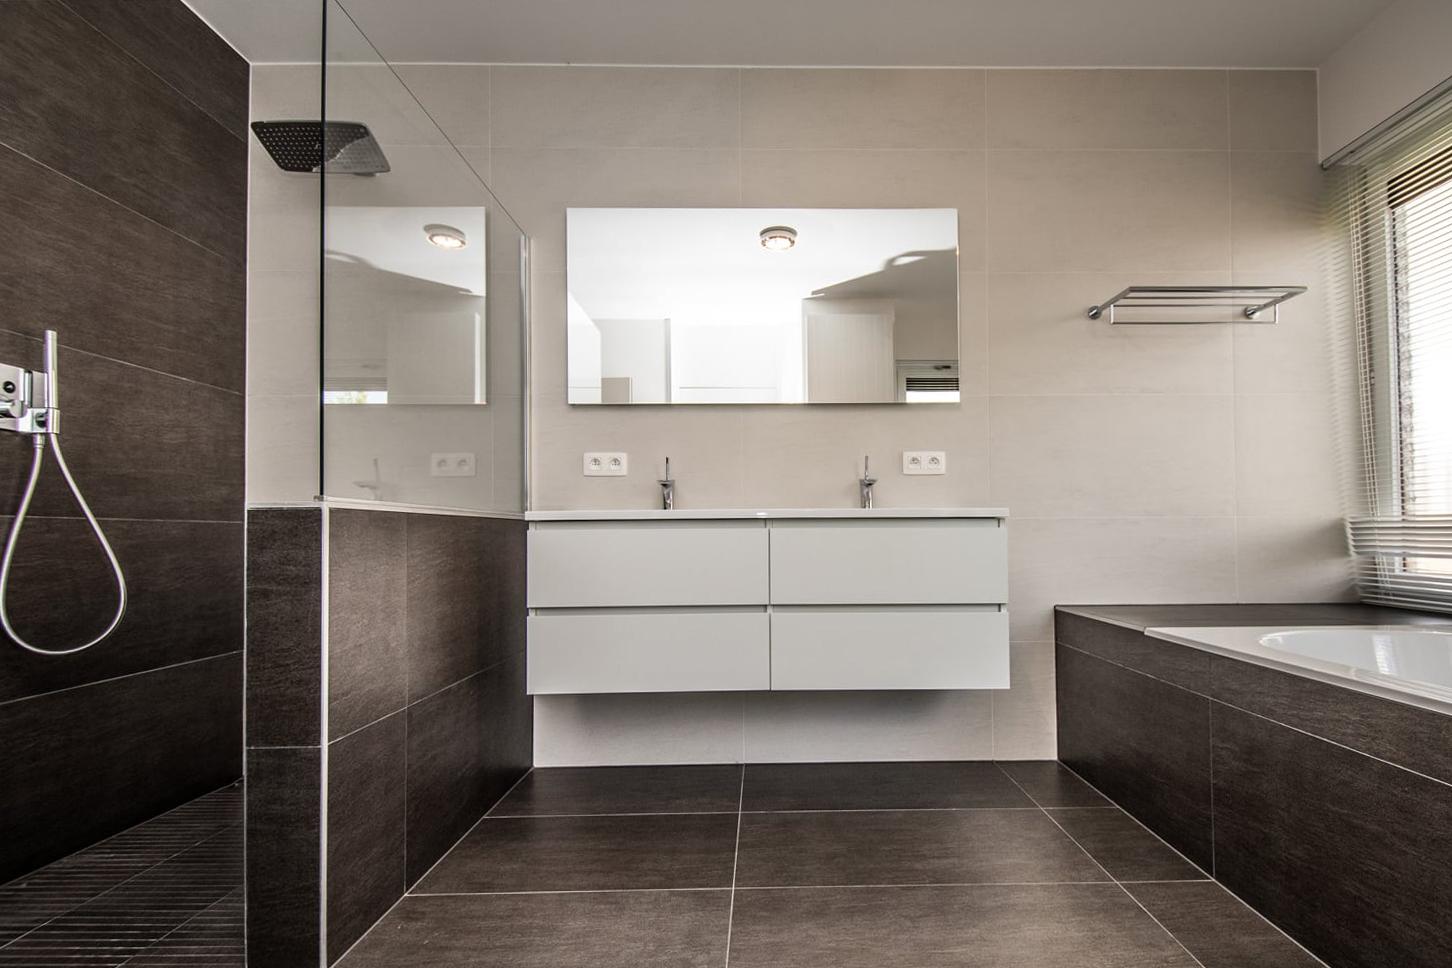 Enduit Carrelage Salle De Bain pourquoi préférer du carrelage dans la salle de bains ?